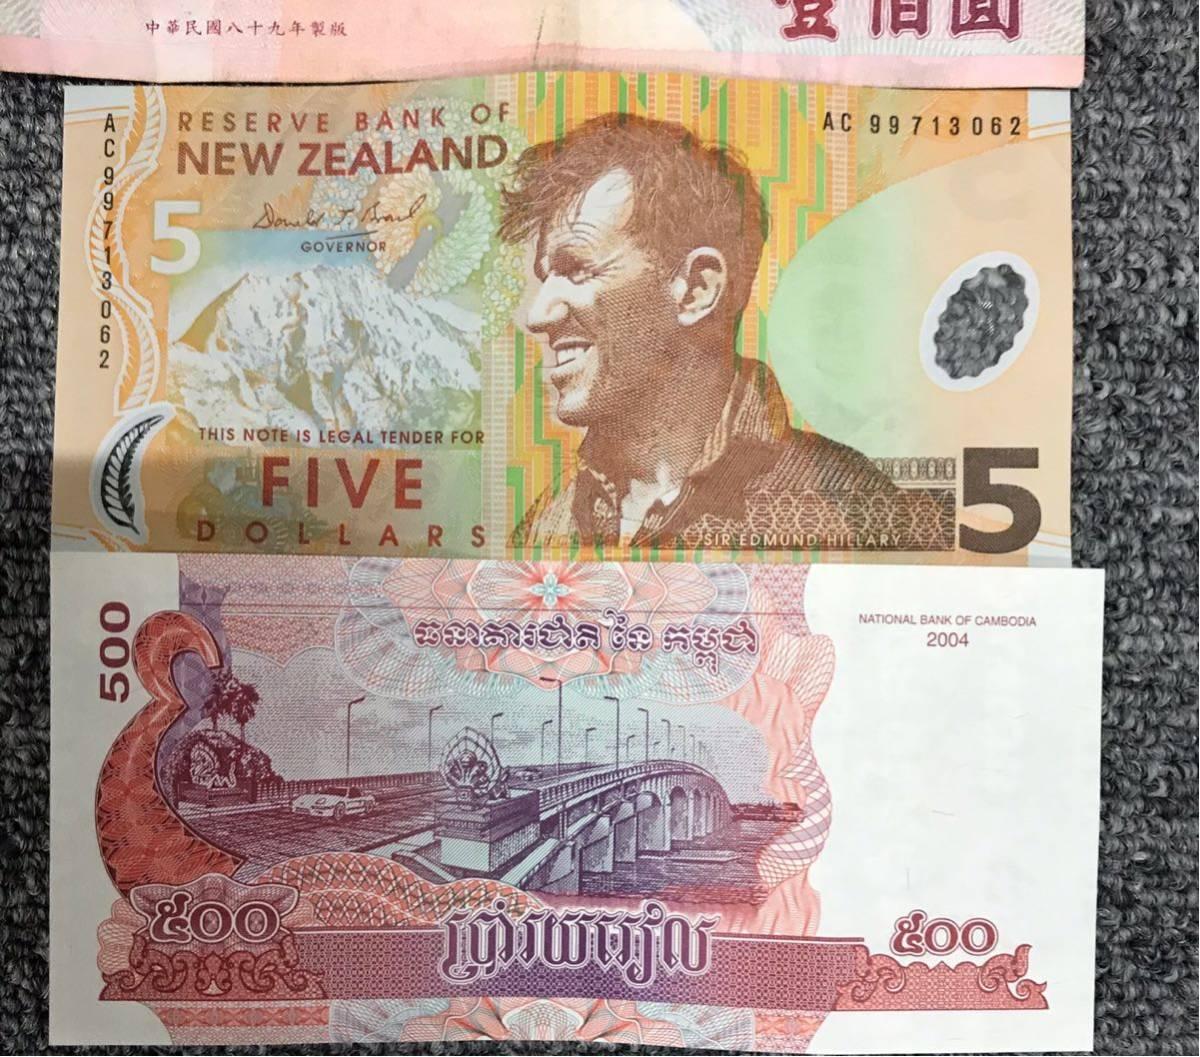 1円 ~ 外国の硬貨 紙幣 まとめて 中国 ニュージーランド アメリカ 他 紙幣7枚 硬貨81枚 宅急便コンパクト発送予定_画像2